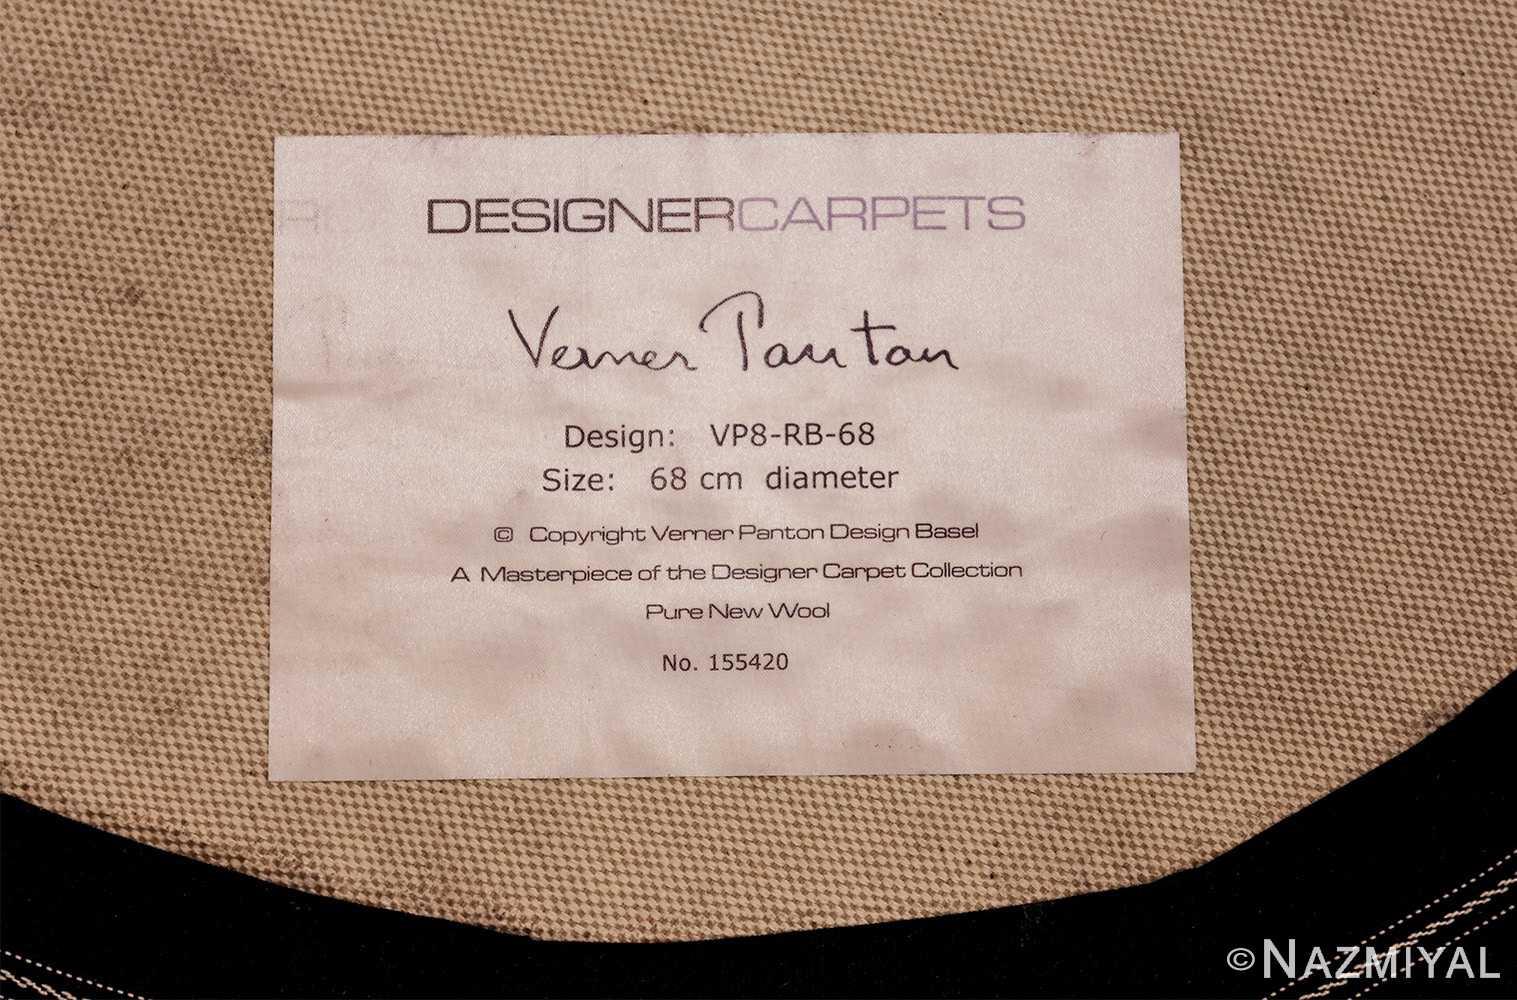 vintage round scandinavian verner panton polka dot rug 49684 tag Nazmiyal